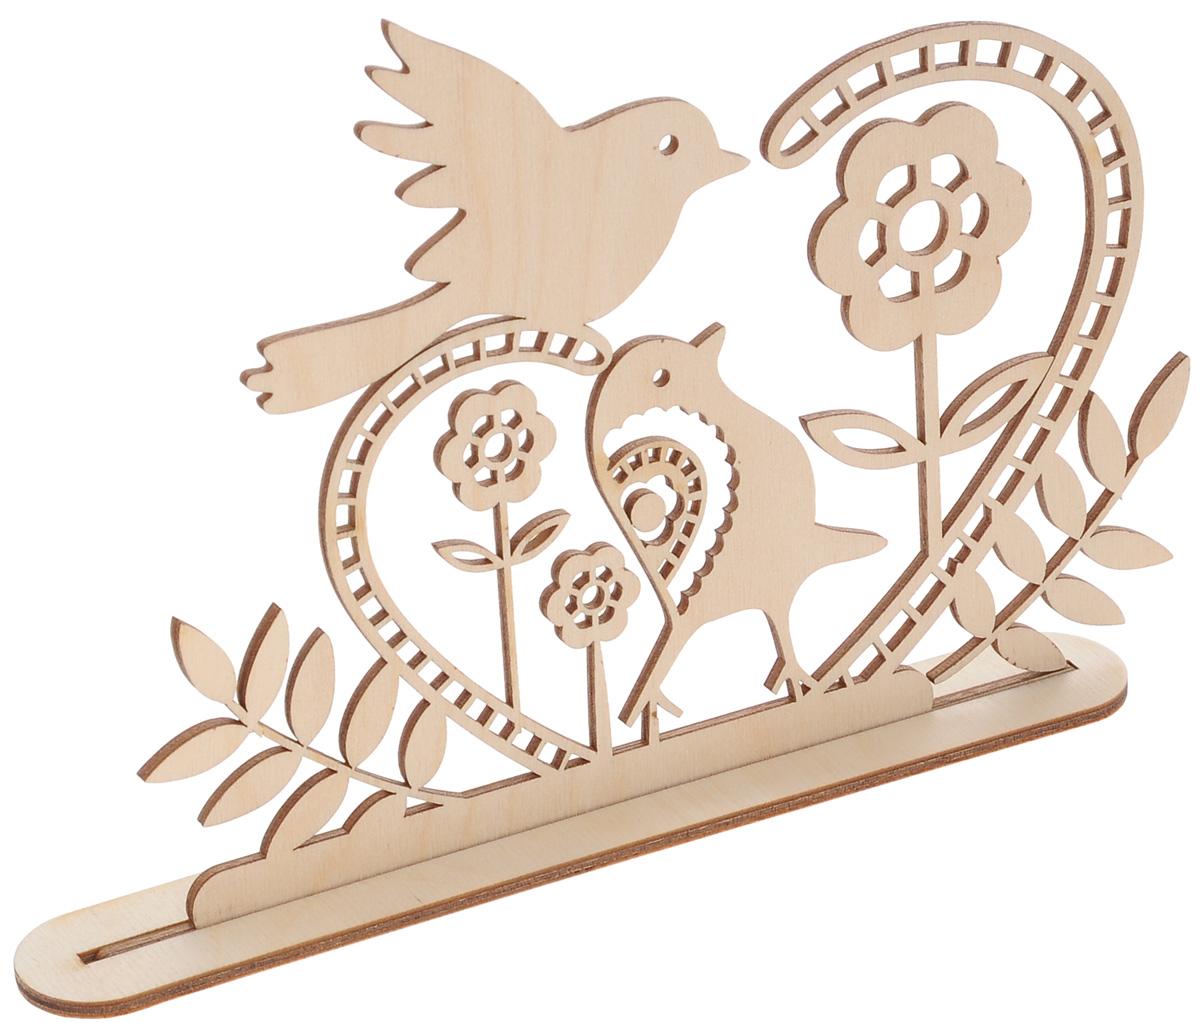 Заготовка деревянная Buratini Птичья весна, на подставке, 200 х 139 ммDZ50006Заготовка Buratini Птичья весна изготовлена из самого легкого материала для работы - фанеры. В ней прекрасно сочетаются пластичность форм, линий и художественная выразительность. Благодаря таким качествам заготовки, вы можете реализовать свои самые смелые творческие фантазии: оформить ее в технике декупаж, расписать красками, украсить мозаикой, пайетками, лентами или бисером.